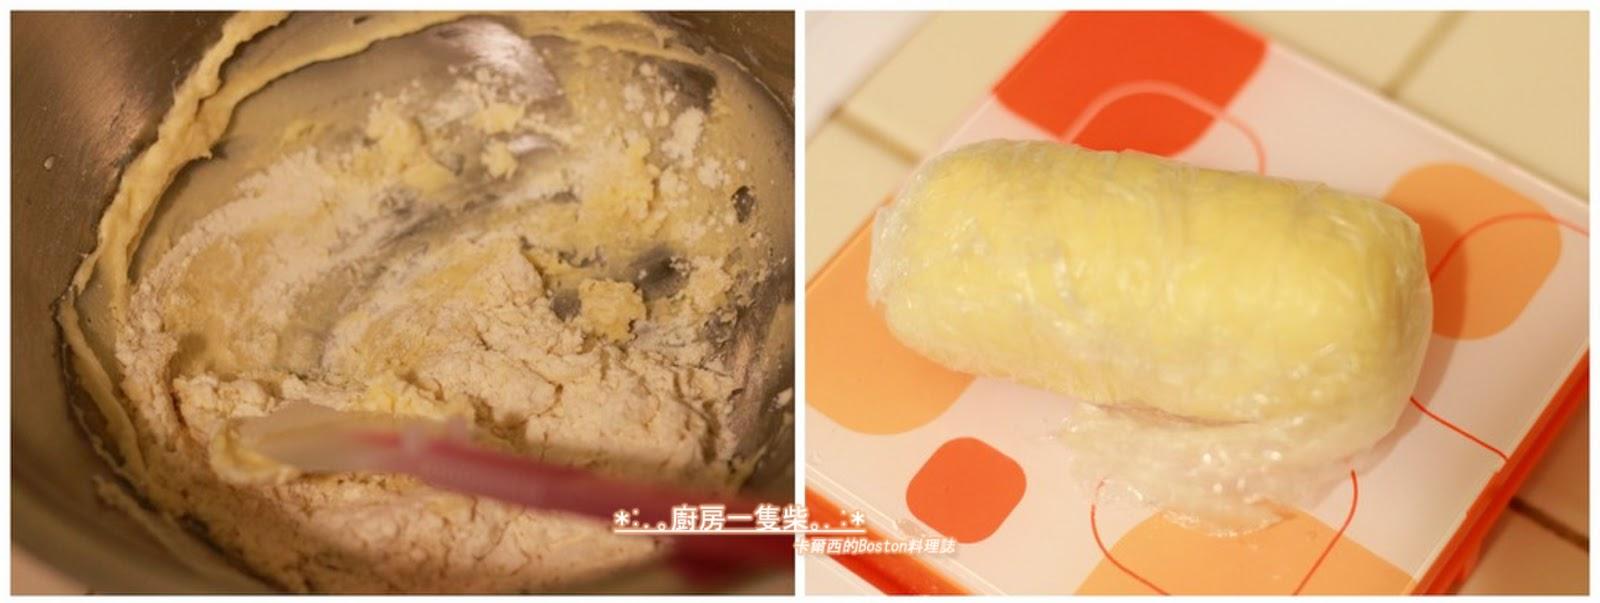 廚房一隻柴。.:*: 【烘焙玩甜點】菠蘿泡芙Cream ...